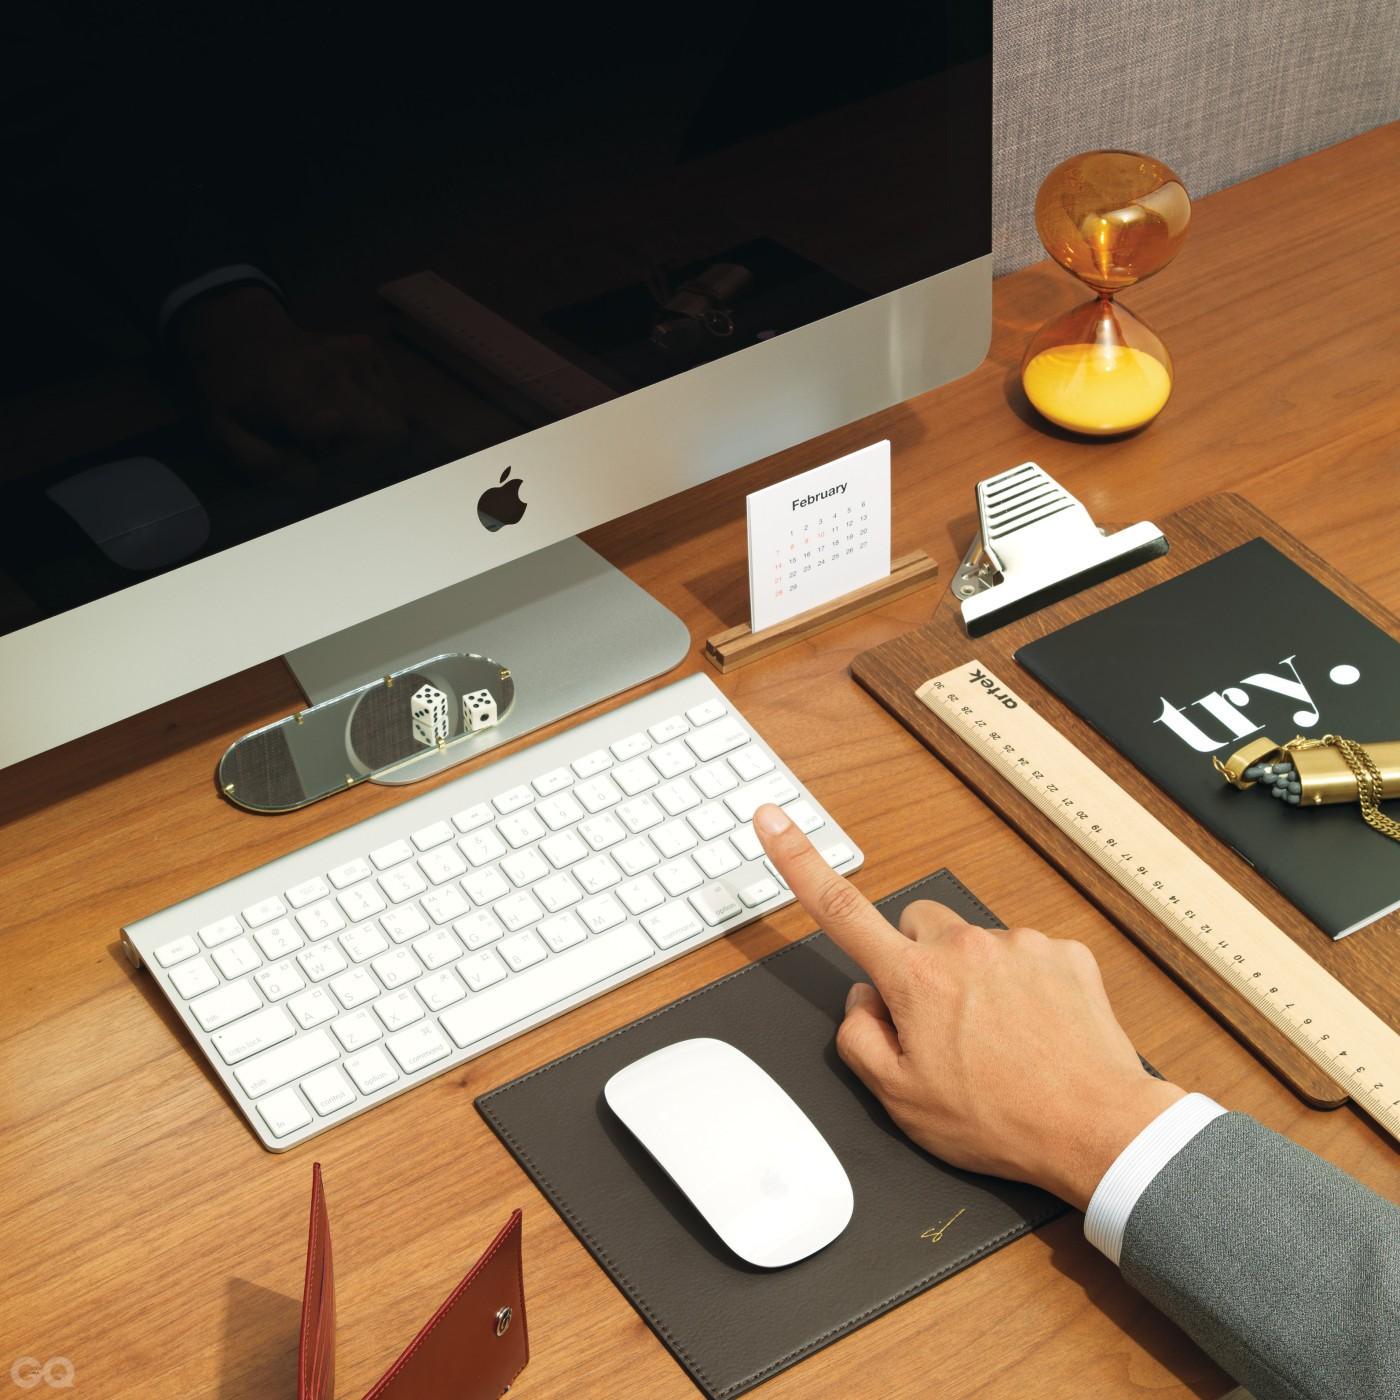 160108 GQ(office)_10322